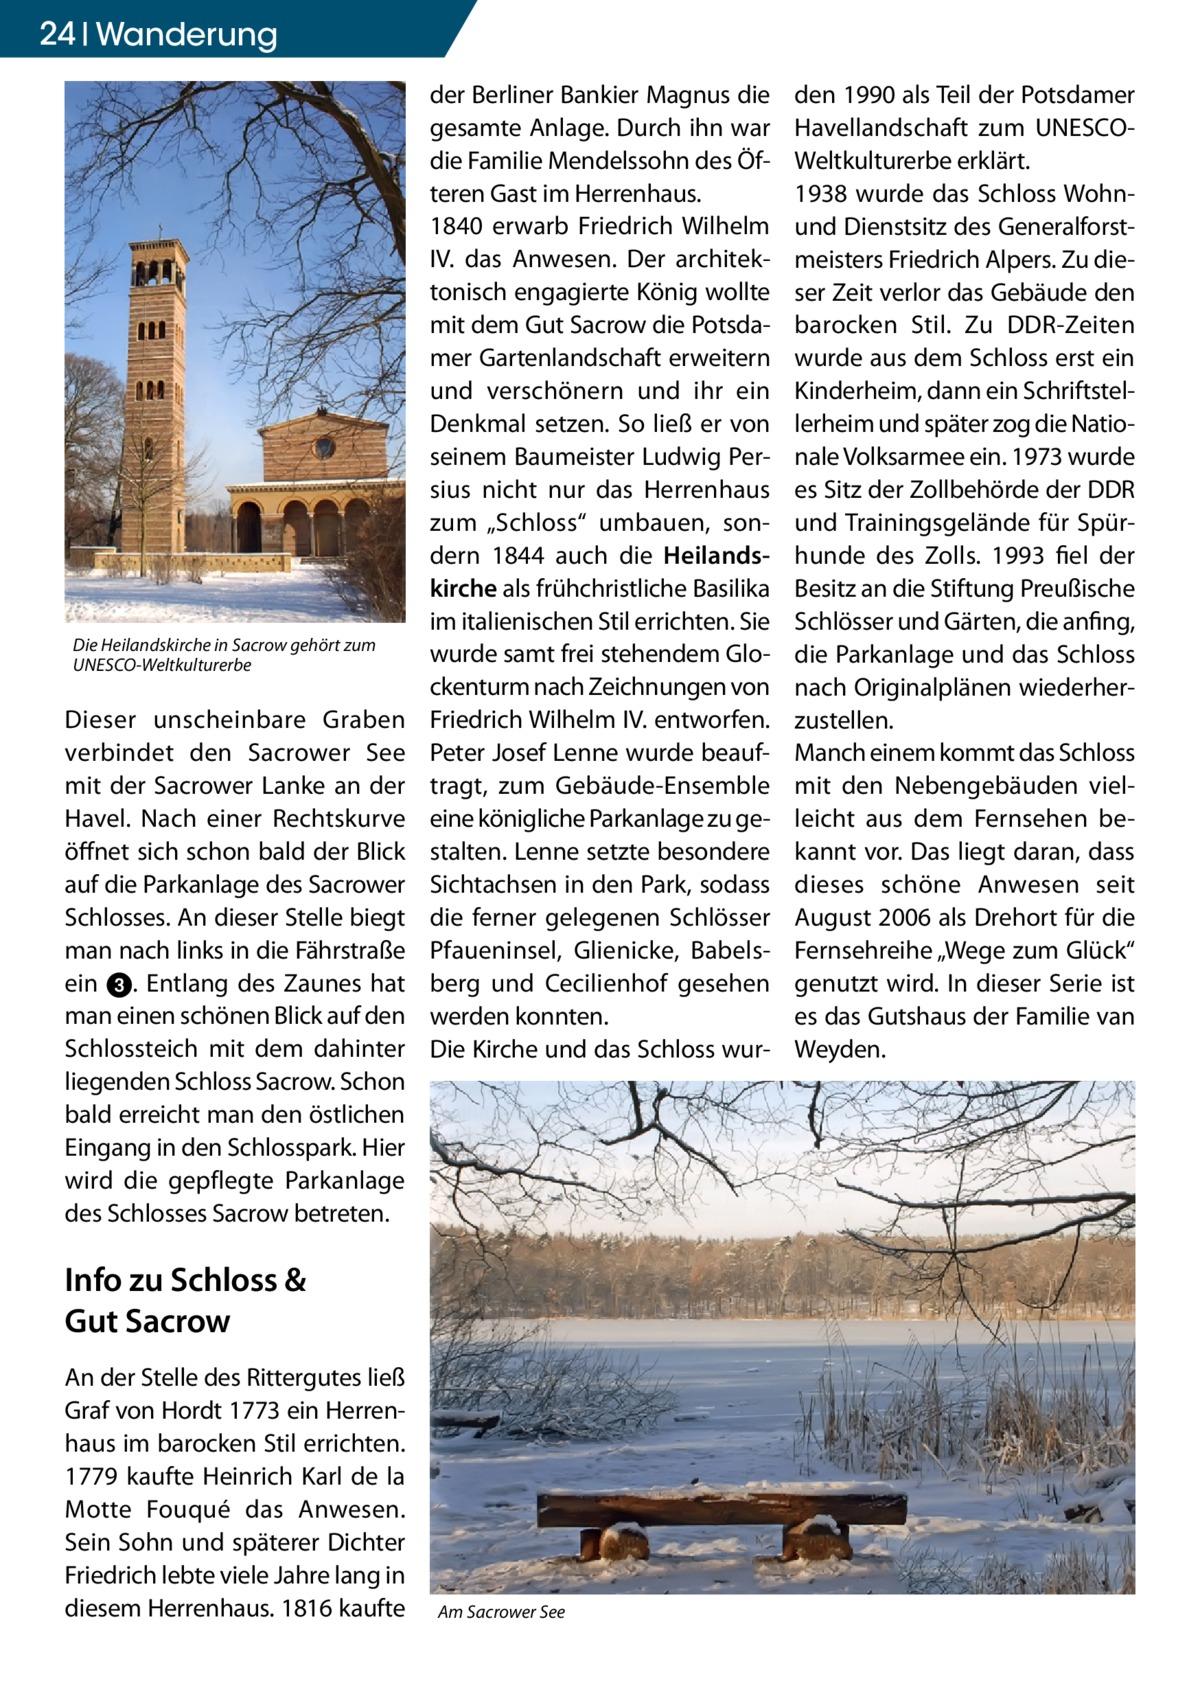 """24 Wanderung  Die Heilandskirche in Sacrow gehört zum UNESCO-Weltkulturerbe  Dieser unscheinbare Graben verbindet den Sacrower See mit der Sacrower Lanke an der Havel. Nach einer Rechtskurve öffnet sich schon bald der Blick auf die Parkanlage des Sacrower Schlosses. An dieser Stelle biegt man nach links in die Fährstraße ein 3. Entlang des Zaunes hat man einen schönen Blick auf den Schlossteich mit dem dahinter liegenden Schloss Sacrow. Schon bald erreicht man den östlichen Eingang in den Schlosspark. Hier wird die gepflegte Parkanlage des Schlosses Sacrow betreten.  der Berliner Bankier Magnus die gesamte Anlage. Durch ihn war die Familie Mendelssohn des Öfteren Gast im Herrenhaus. 1840 erwarb Friedrich Wilhelm IV. das Anwesen. Der architektonisch engagierte König wollte mit dem Gut Sacrow die Potsdamer Gartenlandschaft erweitern und verschönern und ihr ein Denkmal setzen. So ließ er von seinem Baumeister Ludwig Persius nicht nur das Herrenhaus zum """"Schloss"""" umbauen, sondern 1844 auch die Heilandskirche als frühchristliche Basilika im italienischen Stil errichten. Sie wurde samt frei stehendem Glockenturm nach Zeichnungen von Friedrich Wilhelm IV. entworfen. Peter Josef Lenne wurde beauftragt, zum Gebäude-Ensemble eine königliche Parkanlage zu gestalten. Lenne setzte besondere Sichtachsen in den Park, sodass die ferner gelegenen Schlösser Pfaueninsel, Glienicke, Babelsberg und Cecilienhof gesehen werden konnten. Die Kirche und das Schloss wur Info zu Schloss & Gut Sacrow An der Stelle des Rittergutes ließ Graf von Hordt 1773 ein Herrenhaus im barocken Stil errichten. 1779 kaufte Heinrich Karl de la Motte Fouqué das Anwesen. Sein Sohn und späterer Dichter Friedrich lebte viele Jahre lang in diesem Herrenhaus. 1816 kaufte  Am Sacrower See  den 1990 als Teil der Potsdamer Havellandschaft zum UNESCOWeltkulturerbe erklärt. 1938 wurde das Schloss Wohnund Dienstsitz des Generalforstmeisters Friedrich Alpers. Zu dieser Zeit verlor das Gebäude den barocken Stil. Zu DDR-Zeit"""